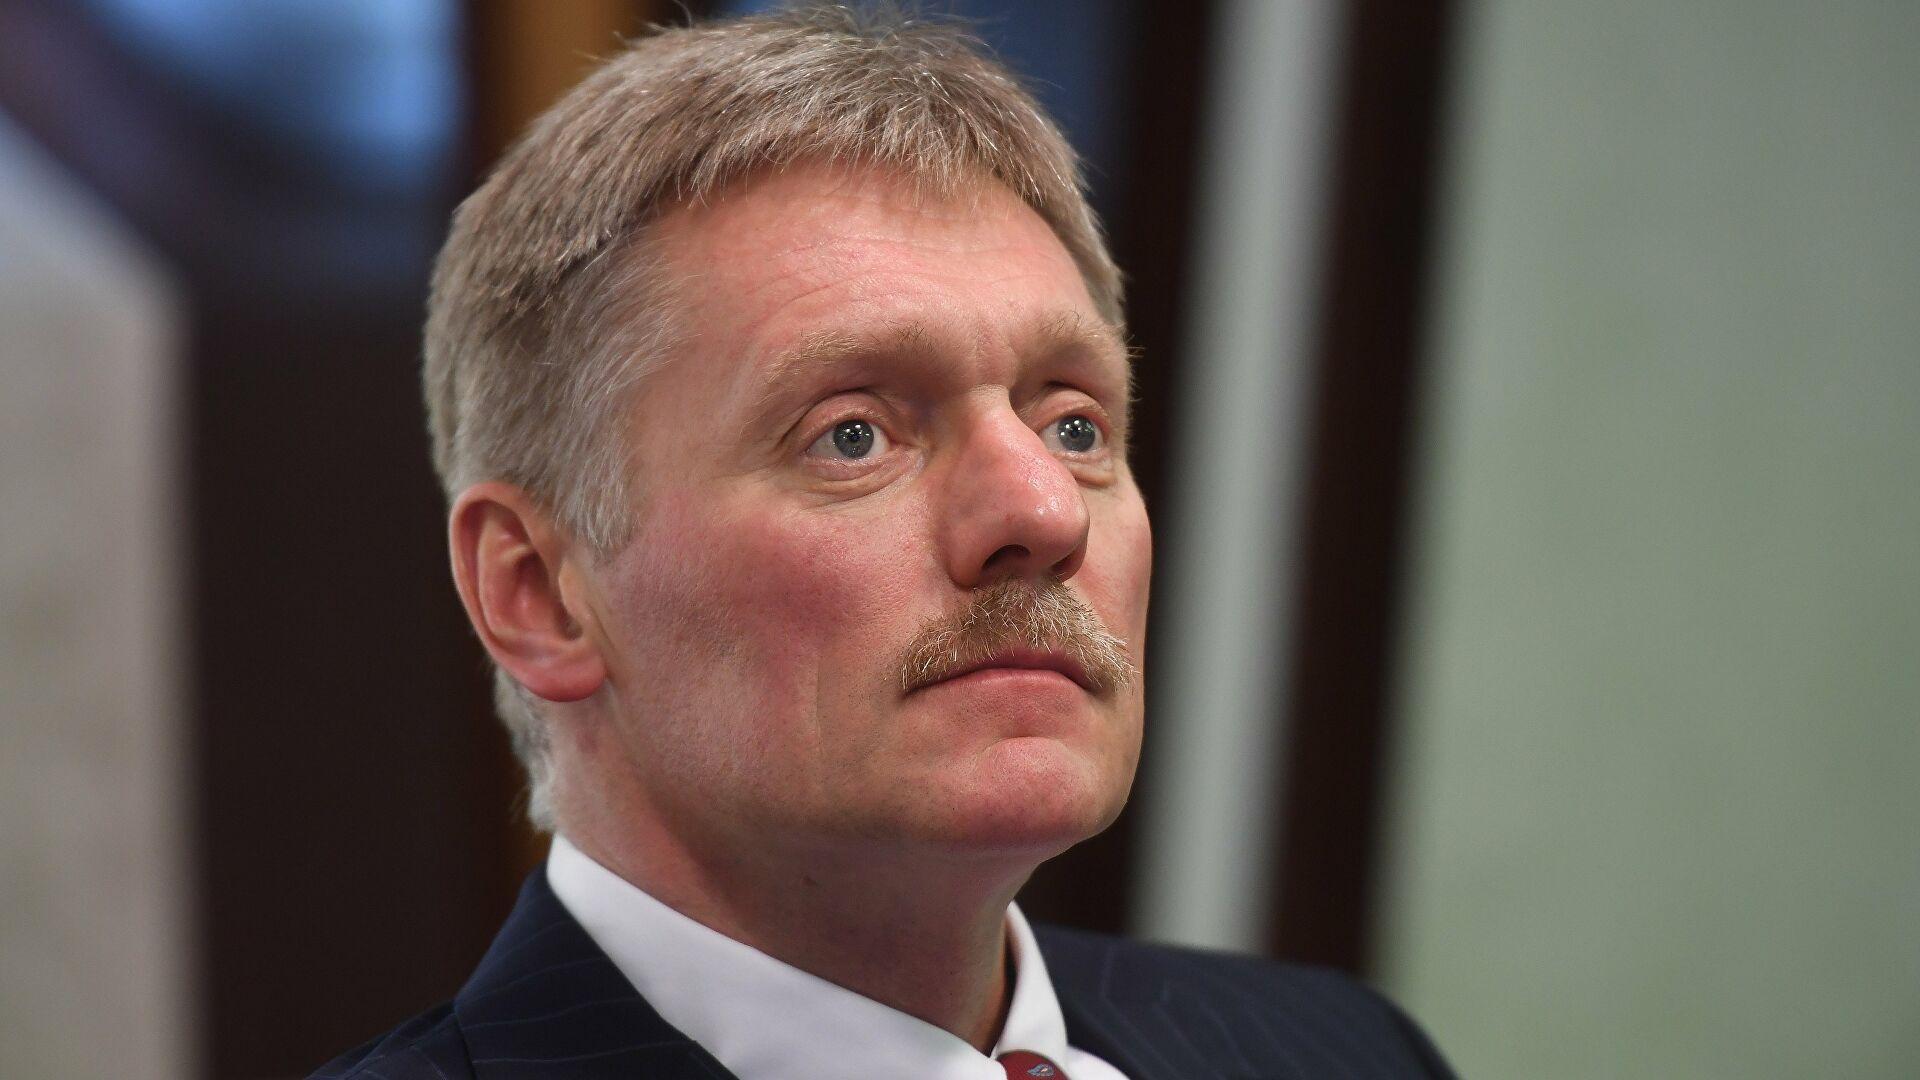 Kremlj upoznat sa pogoršanjem situacije na jermensko-azerbejdžanskoj granici, rad se nastavlja